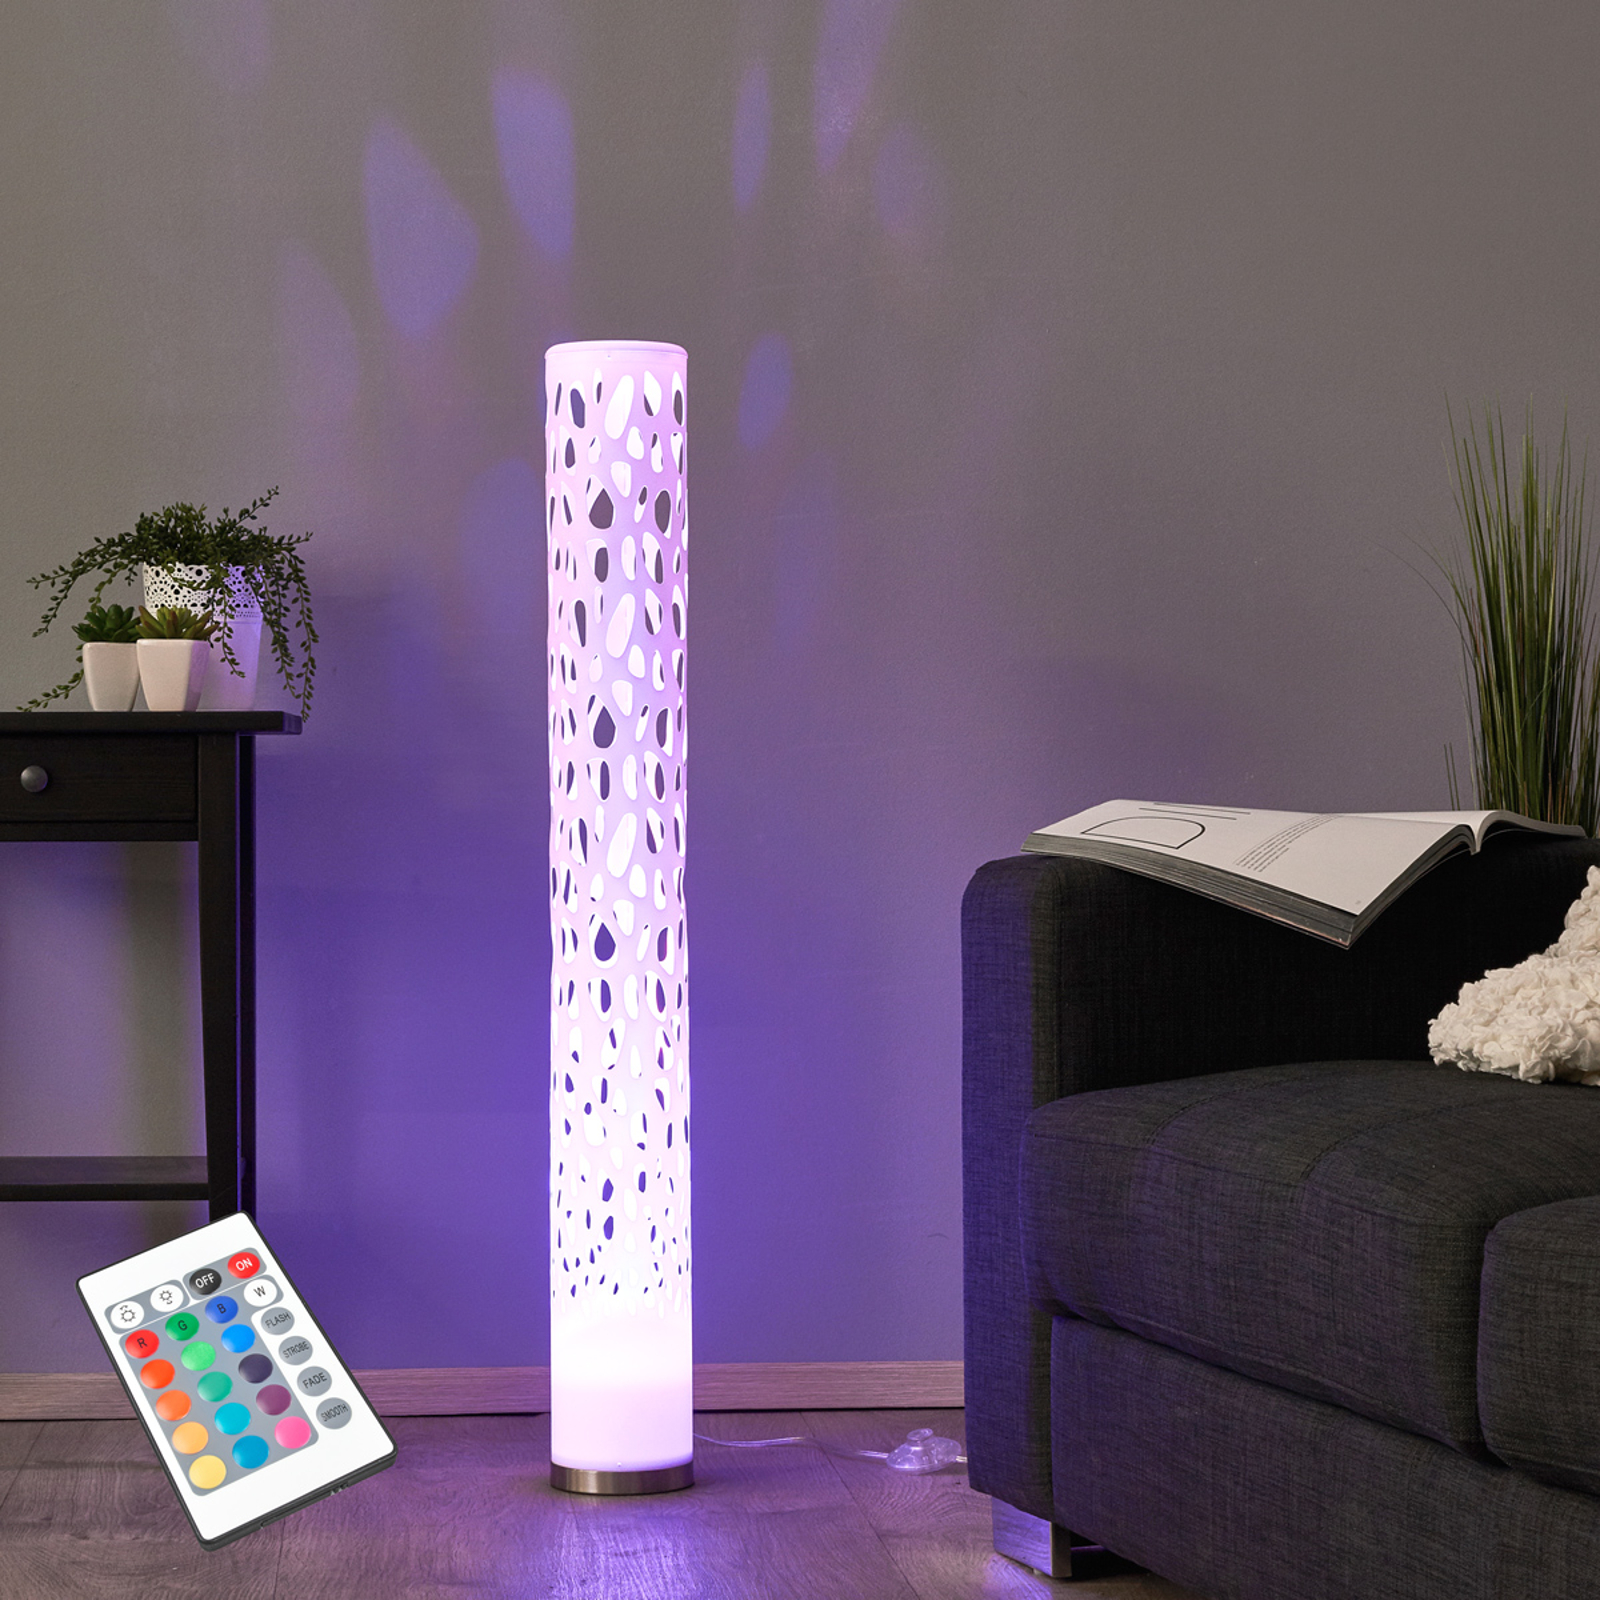 Lampadaire LED RVB décoratif Alisea